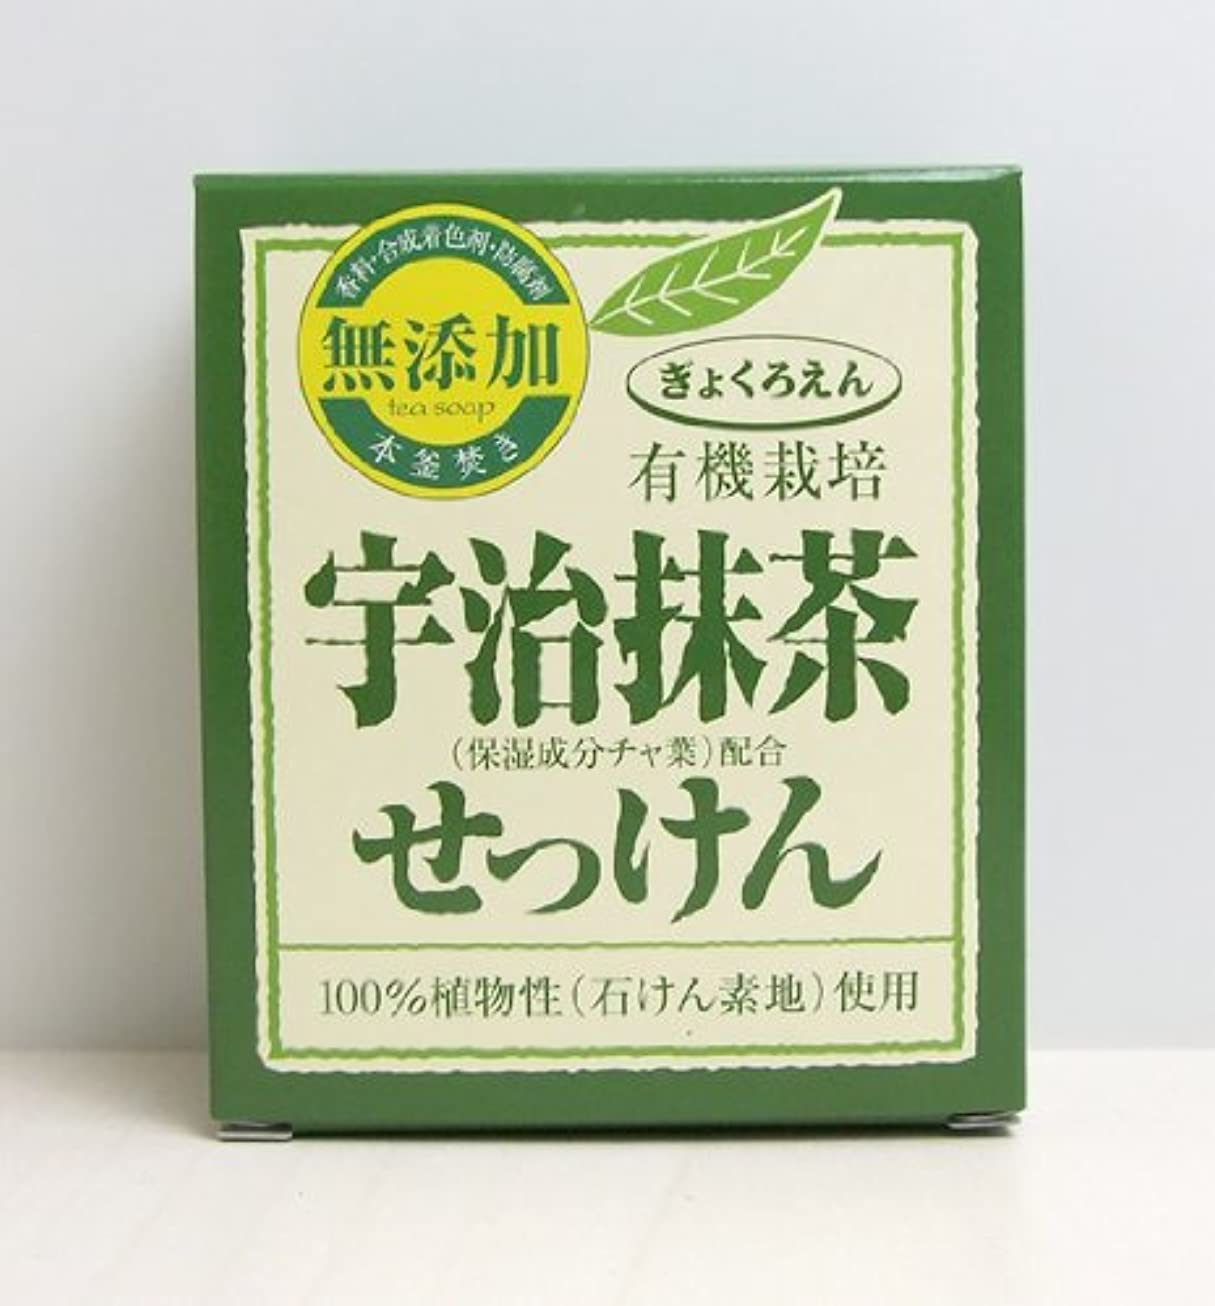 ペルメルぼかす堀お茶のせっけん:有機栽培宇治抹茶せっけん